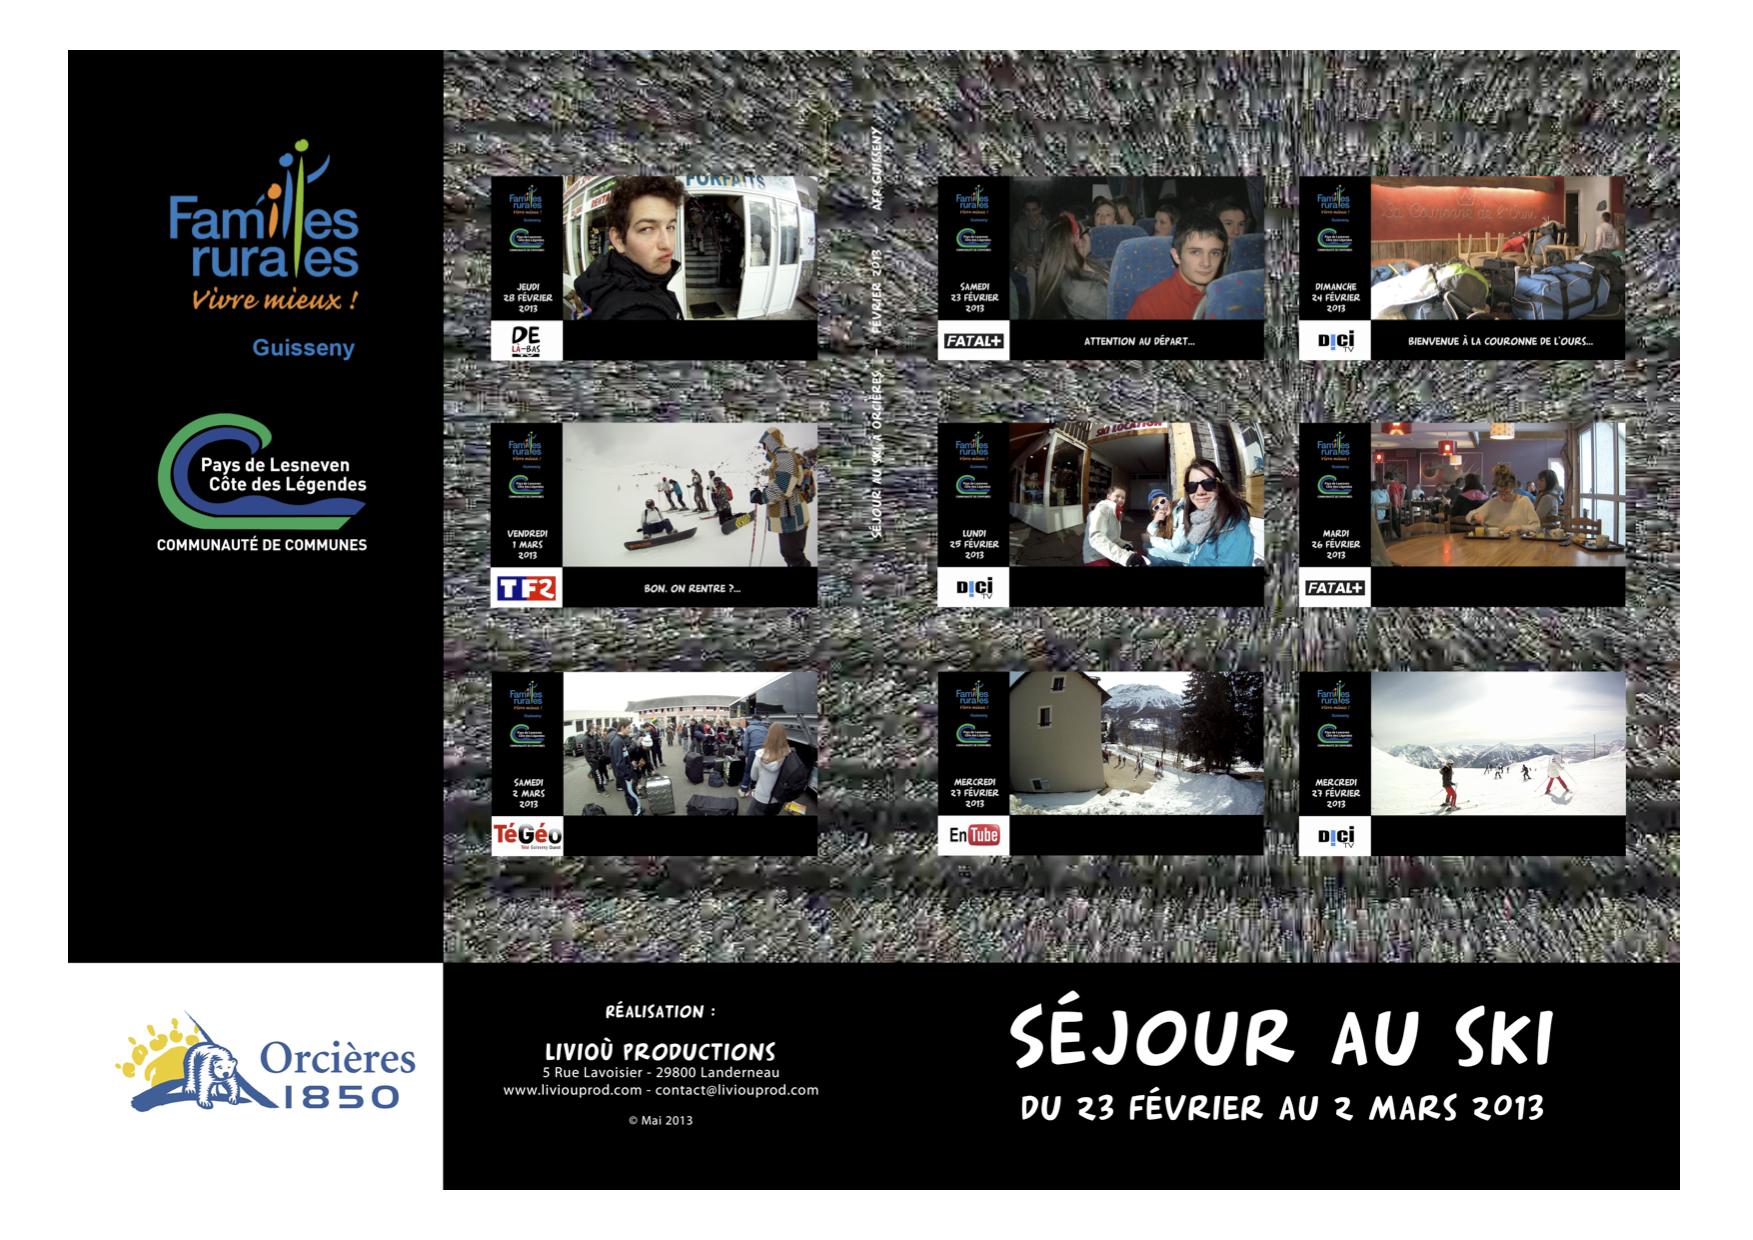 Jaquette du DVD d'Orcières 2013 – AFR Guisseny